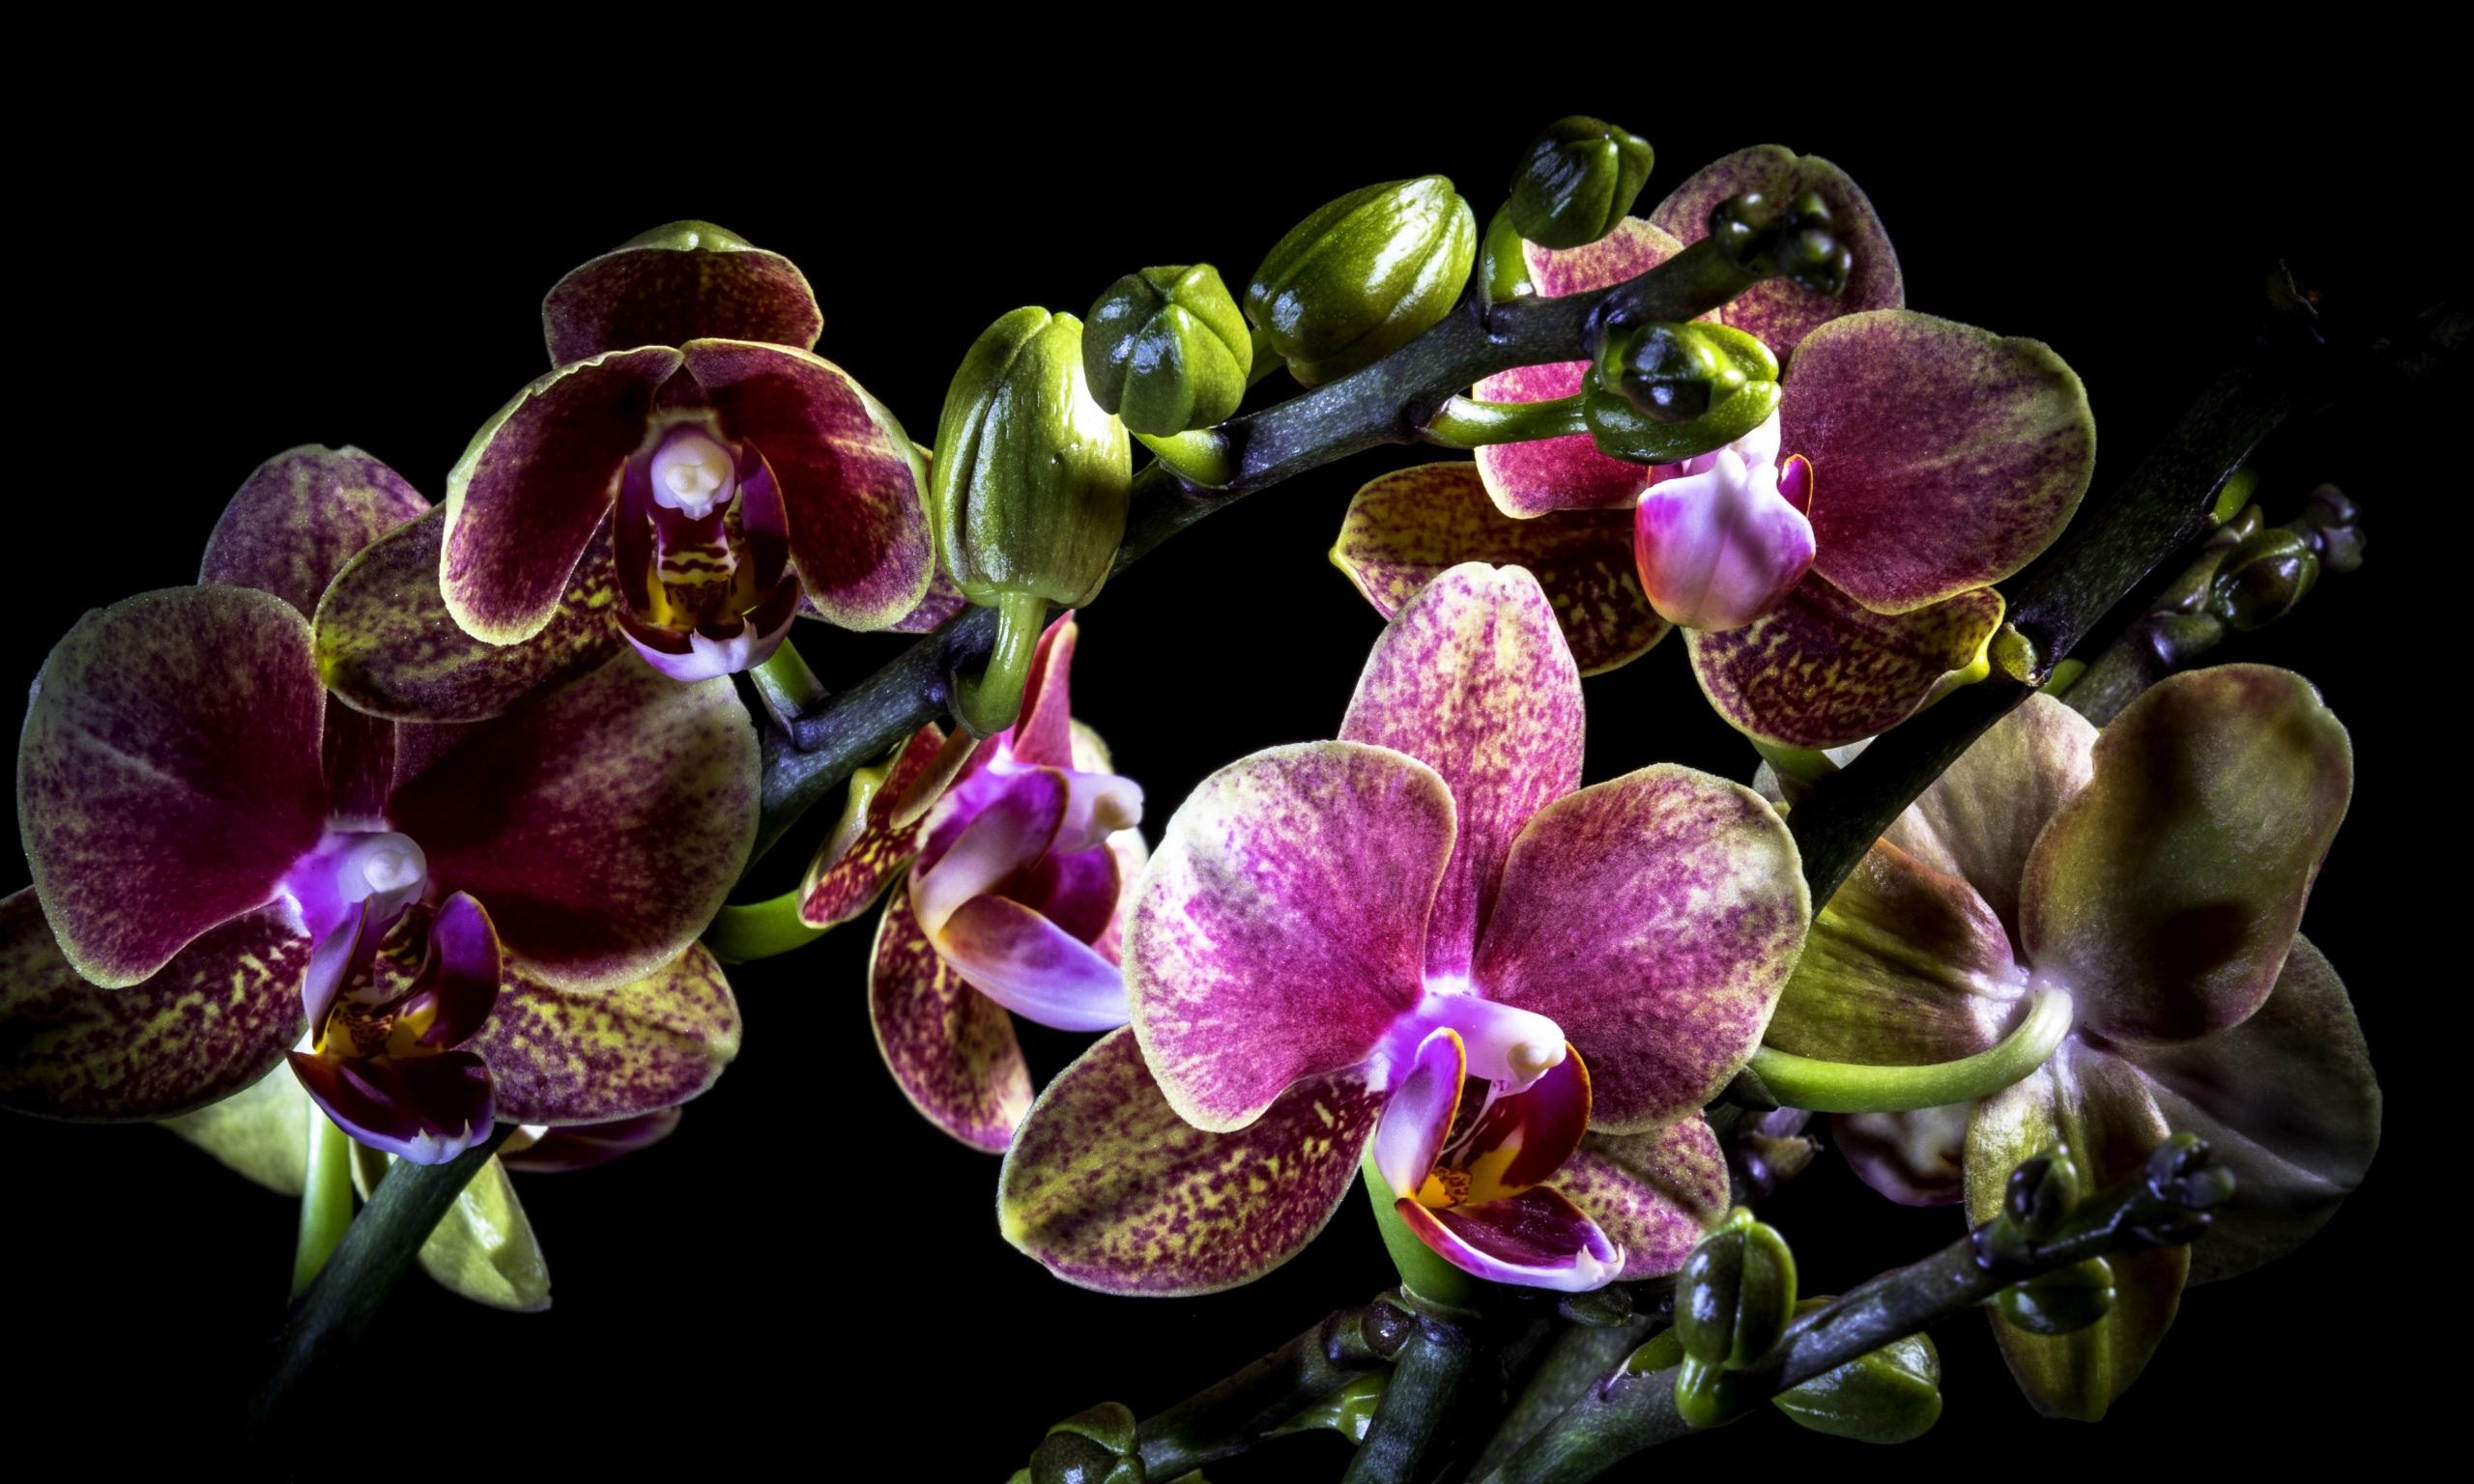 Фото орхидея цветок Черный фон Крупным планом 2560x1536 Орхидеи Цветы вблизи на черном фоне